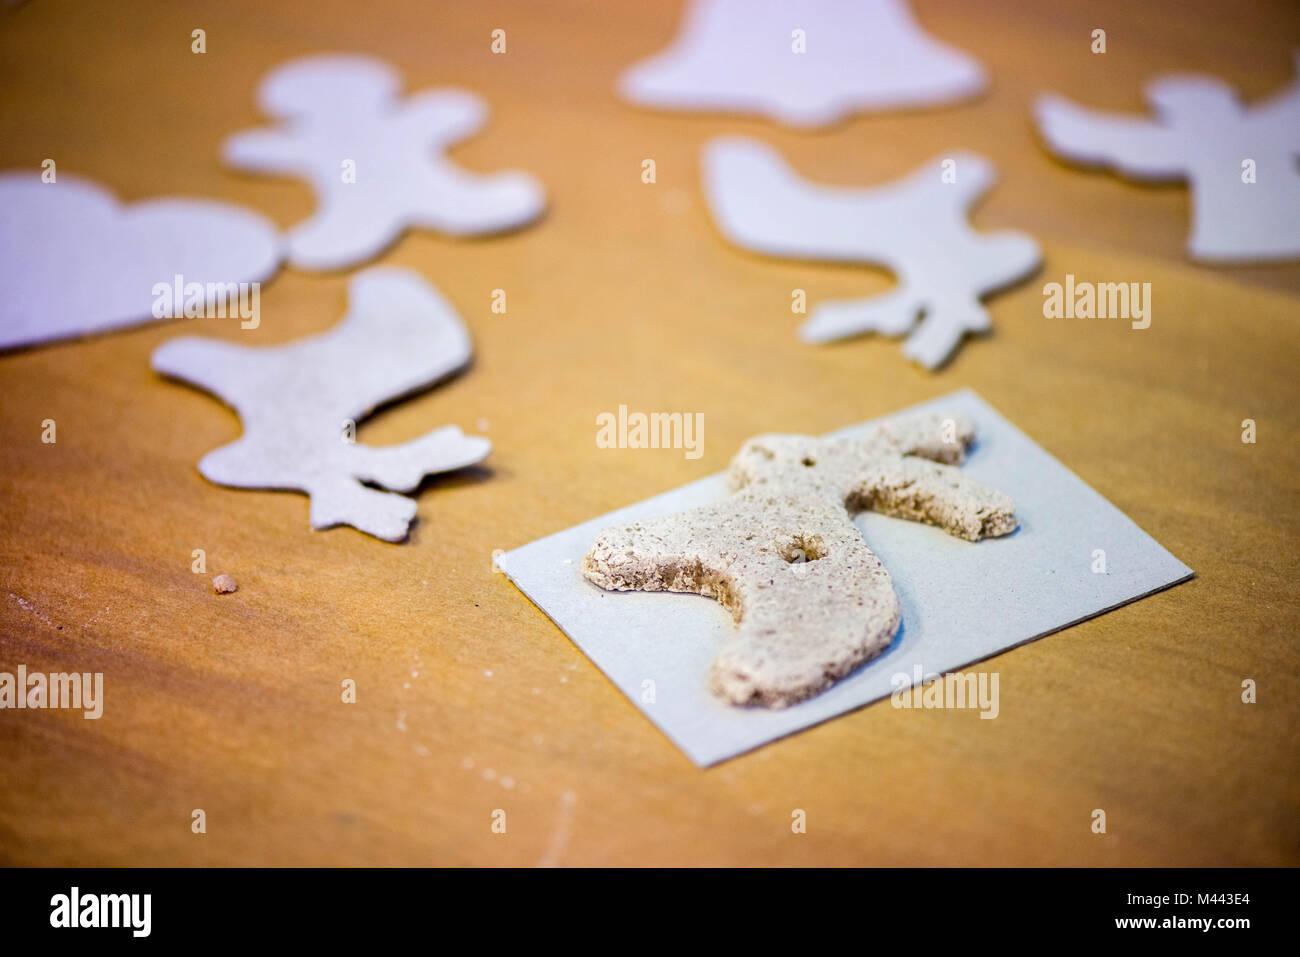 Weihnachten Backen Hintergrund Mit Salzteig Cookie Vorlagen Backen